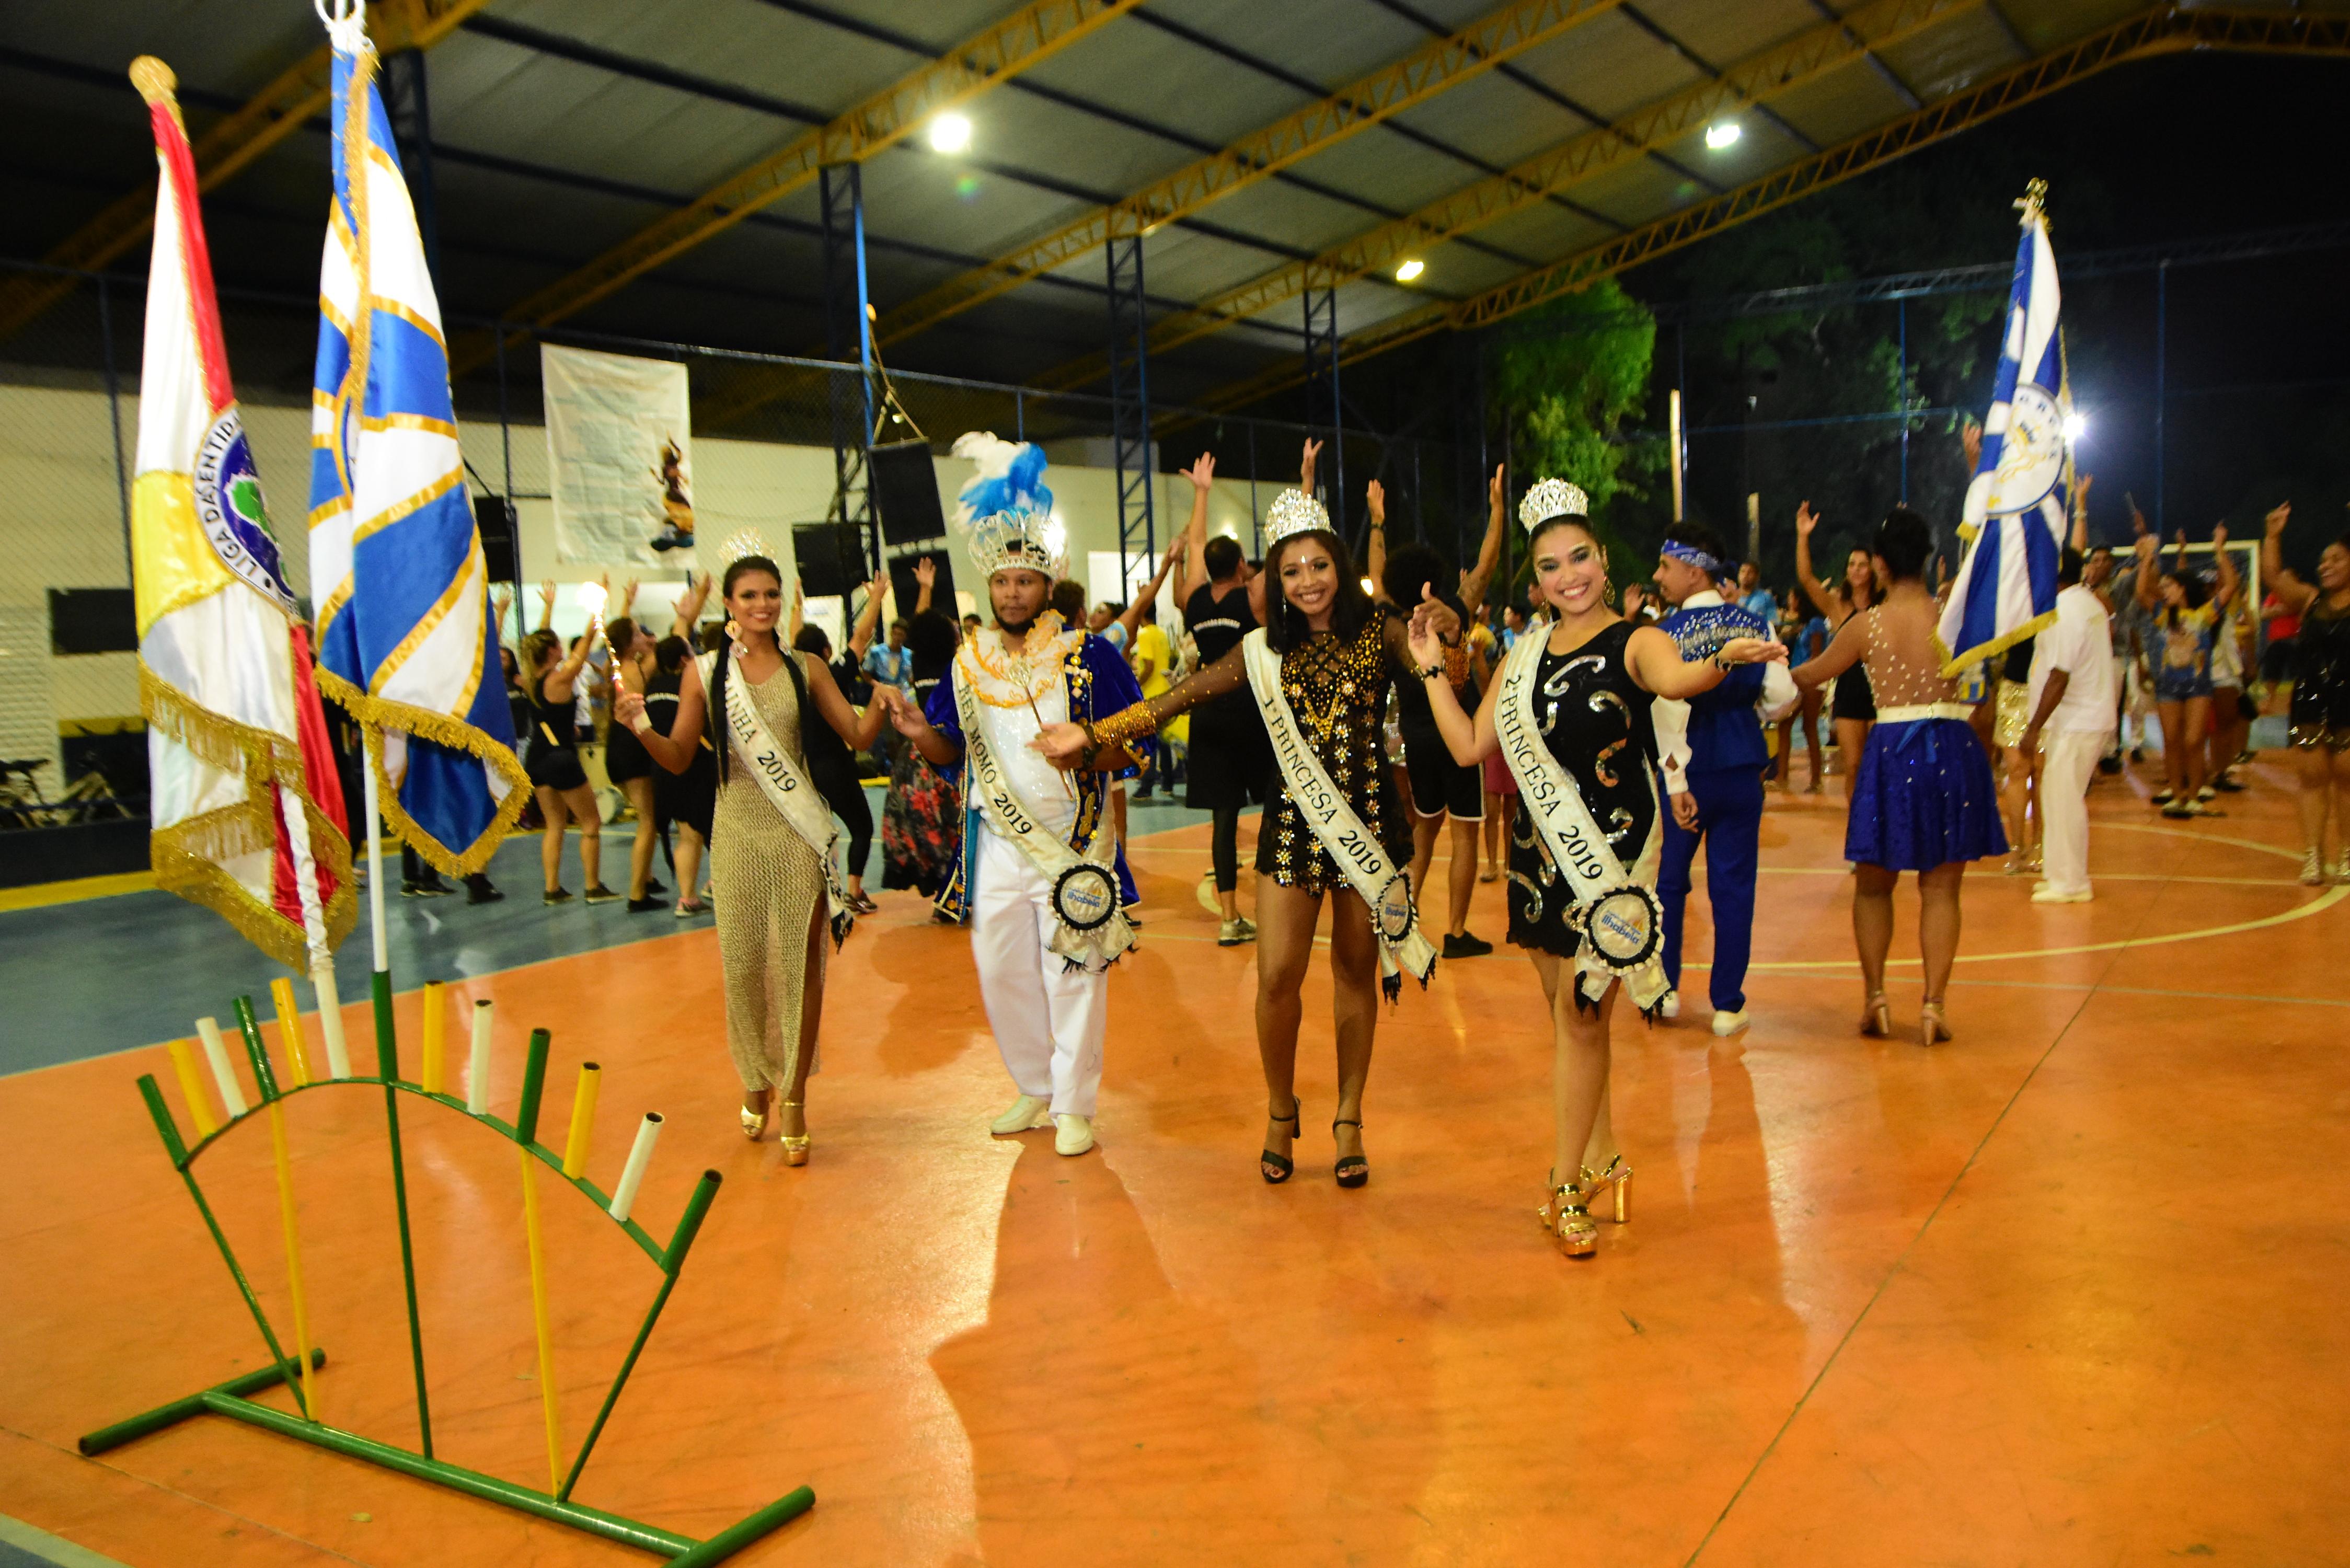 Liga Carnavalesca e Corte do Carnaval 2019 iniciam visitas aos ensaios técnicos das escolas de samba de Ilhabela